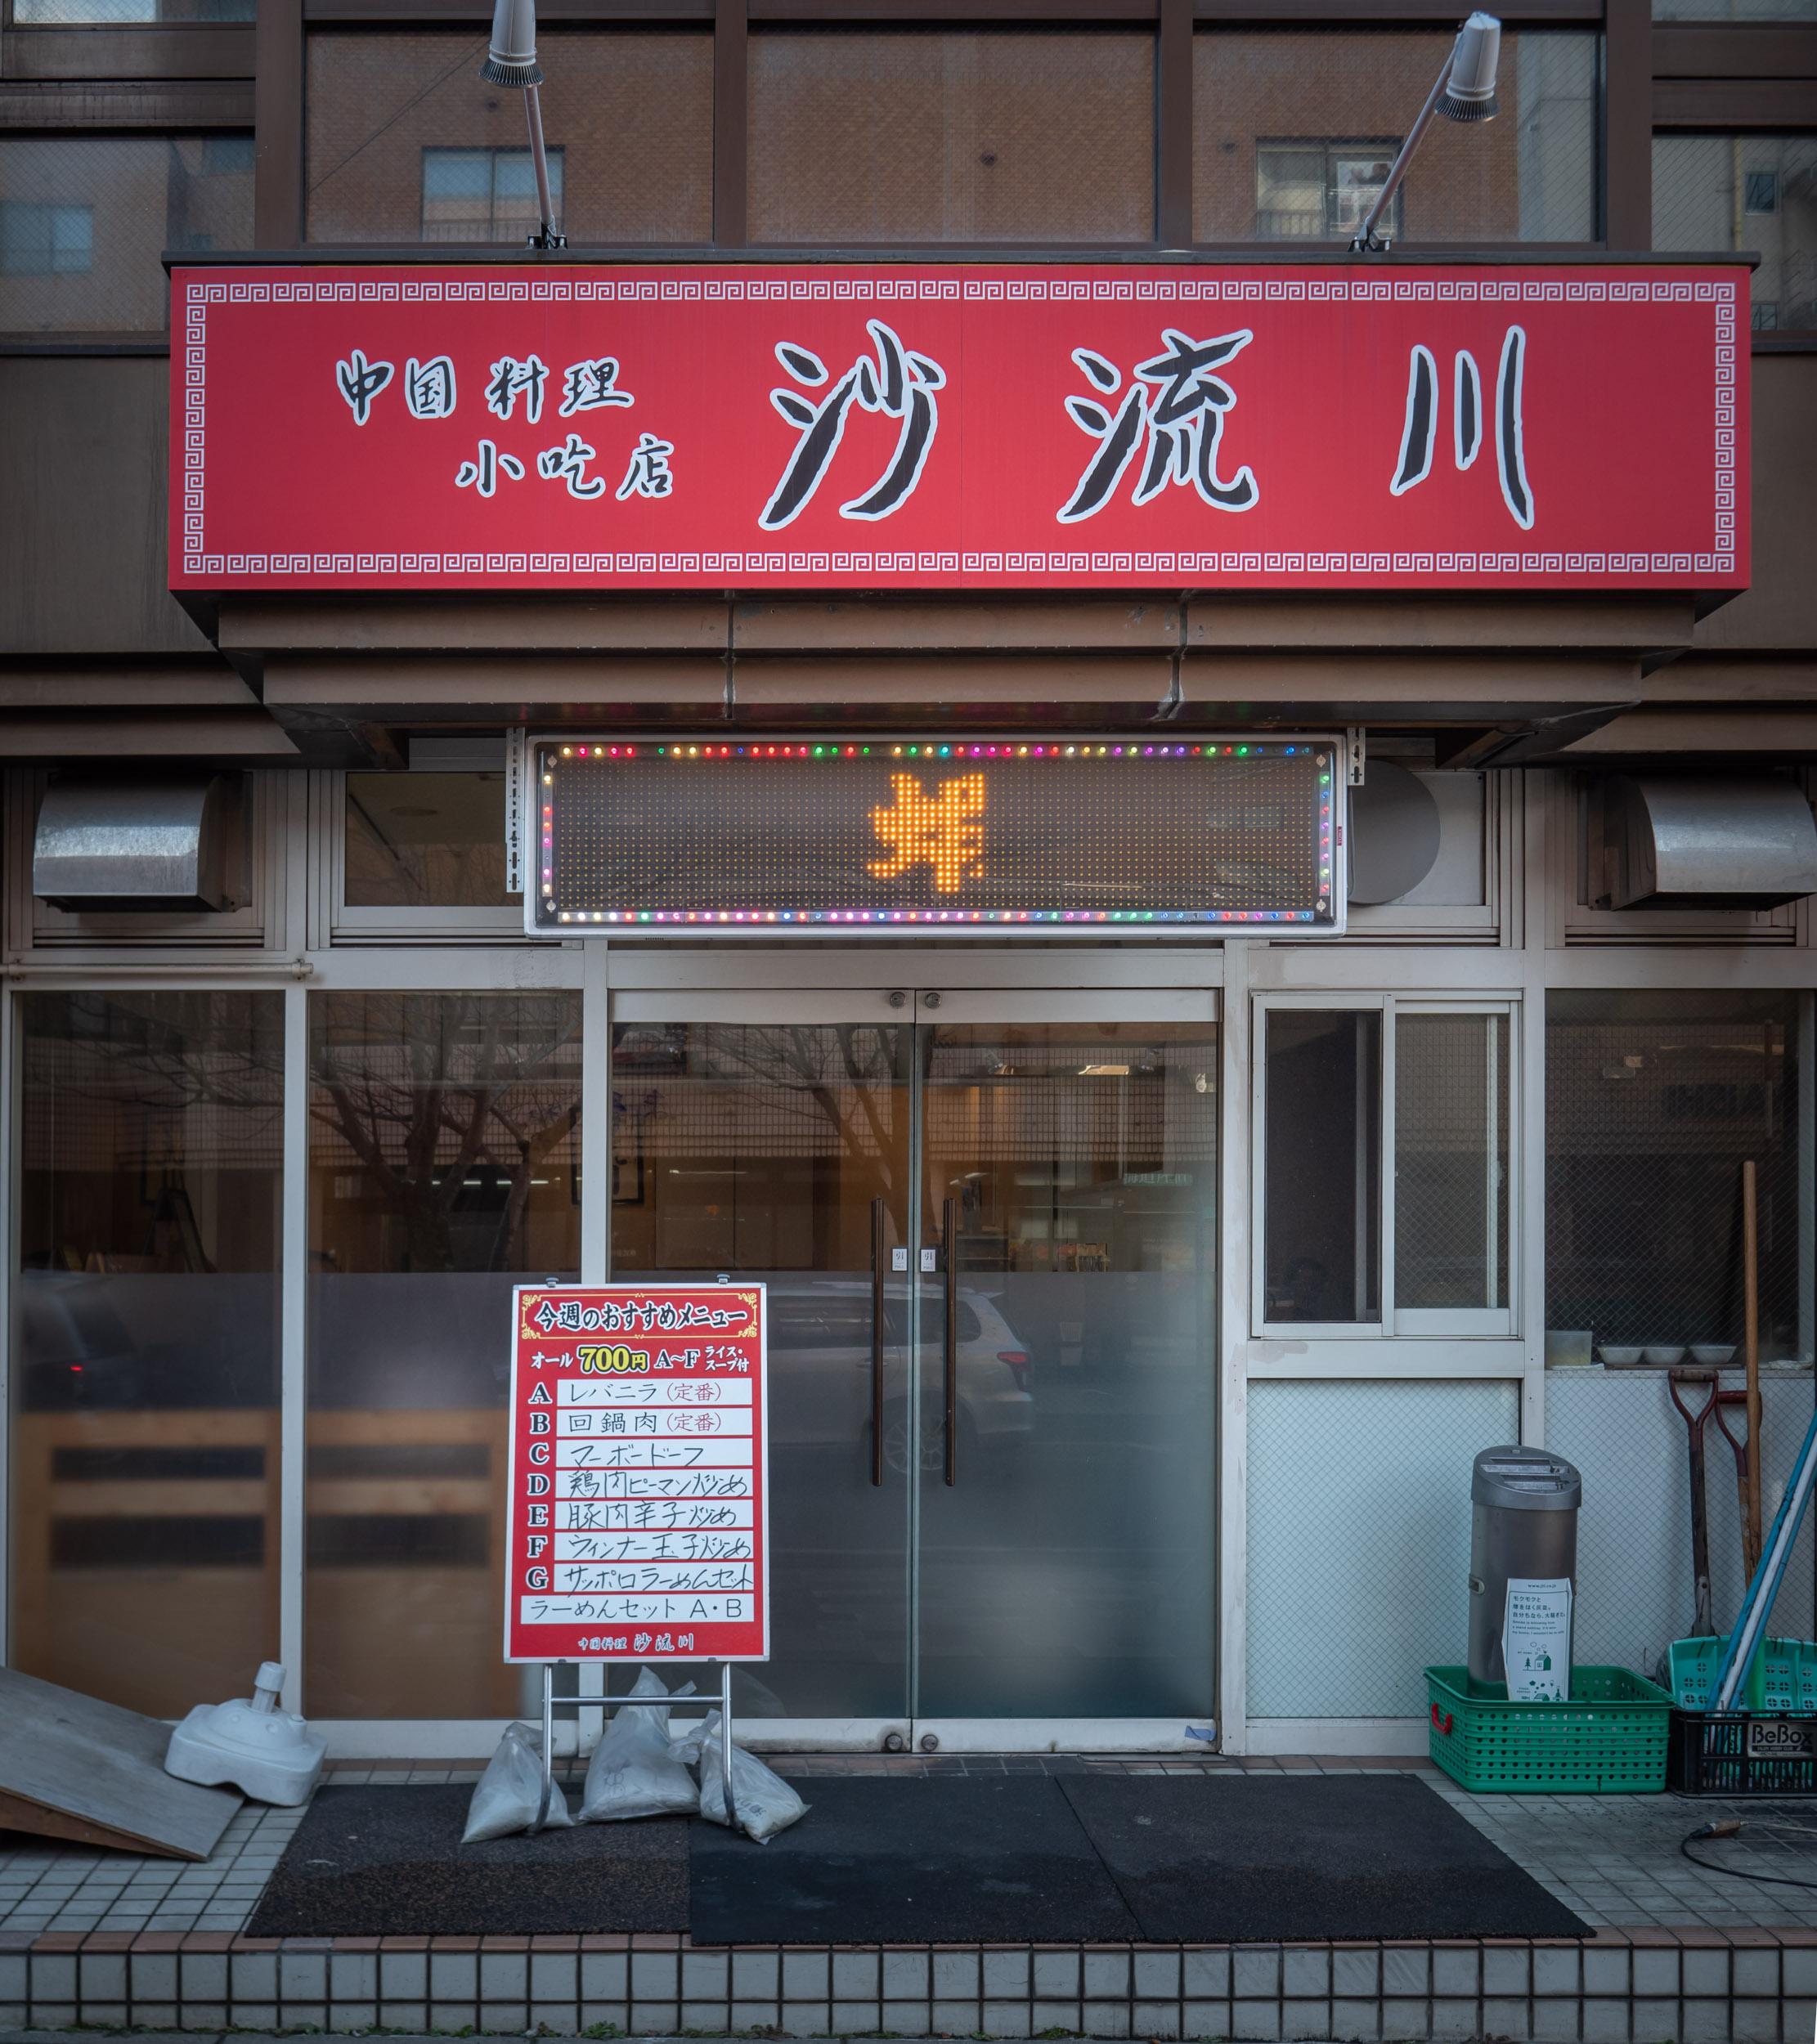 札幌市白石区8丁目北 中華料理「沙流川」の外観 DMC-GX8 + LEICA DG 12-60mm